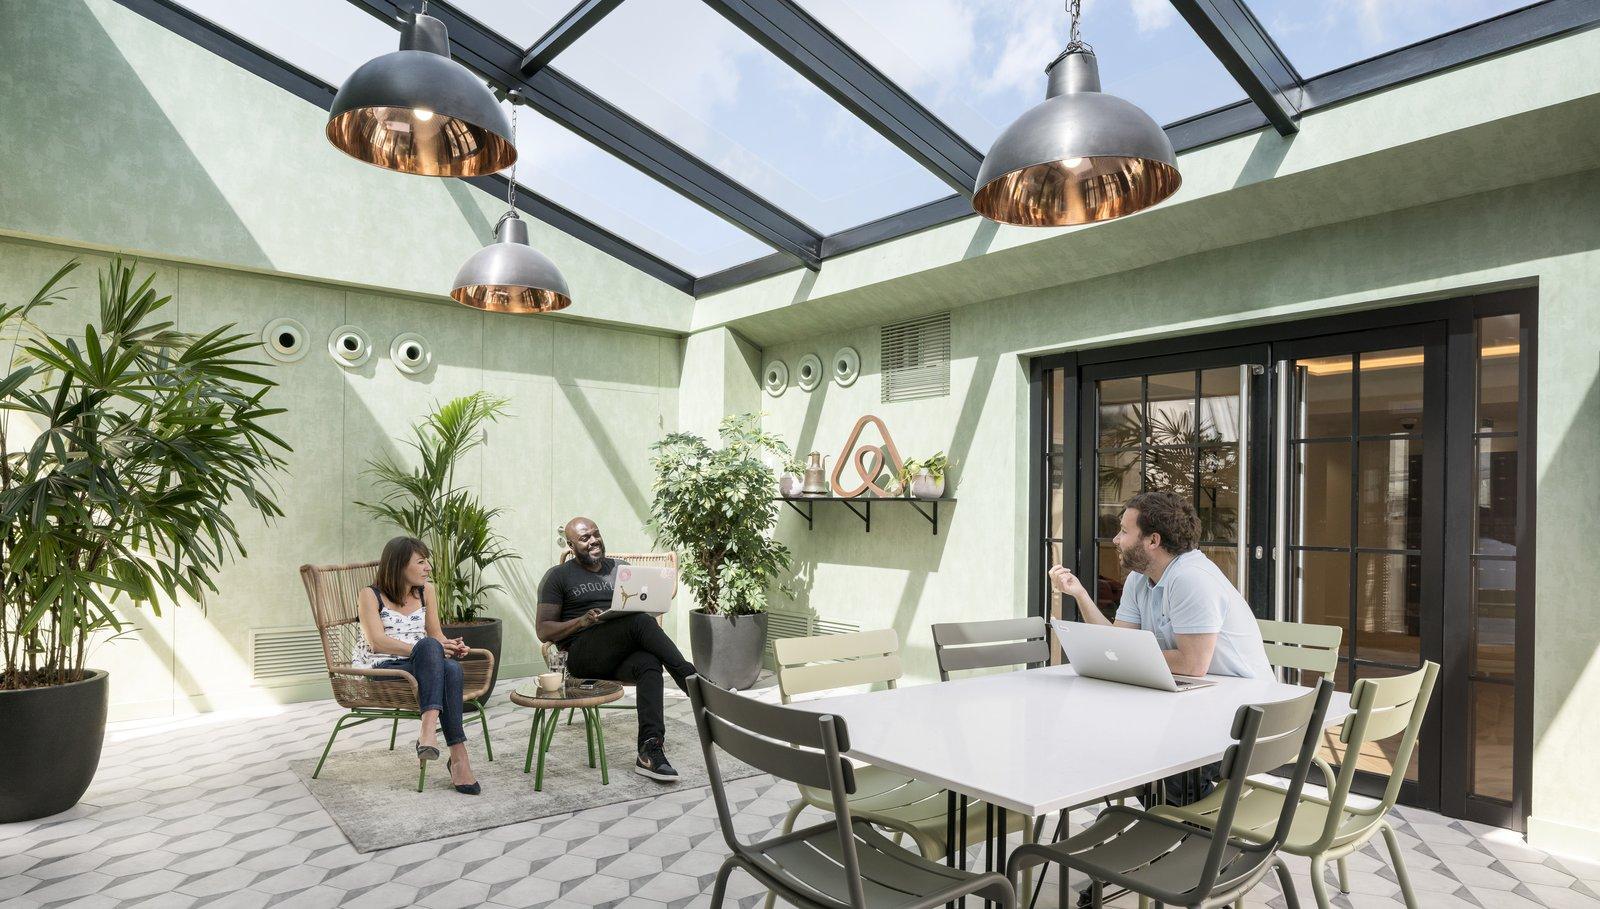 loft office. Take A Peek Inside Airbnb\u0027s New Loft-Inspired Office Space In Paris Loft